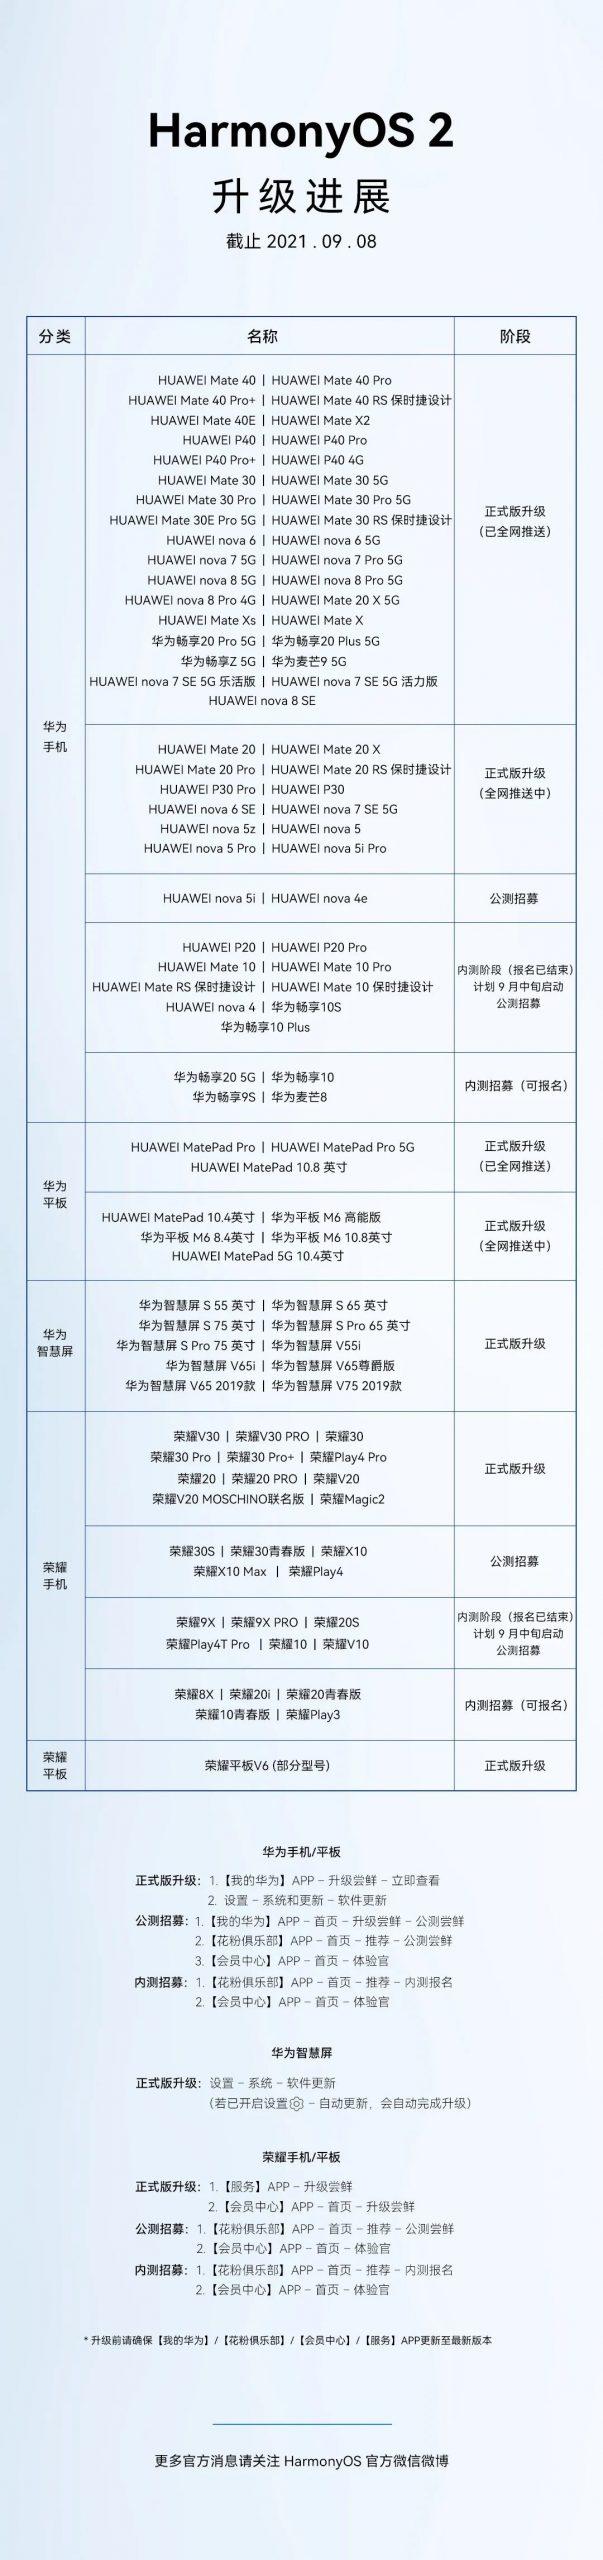 106 Huawei phones - HarmonyOS operating system